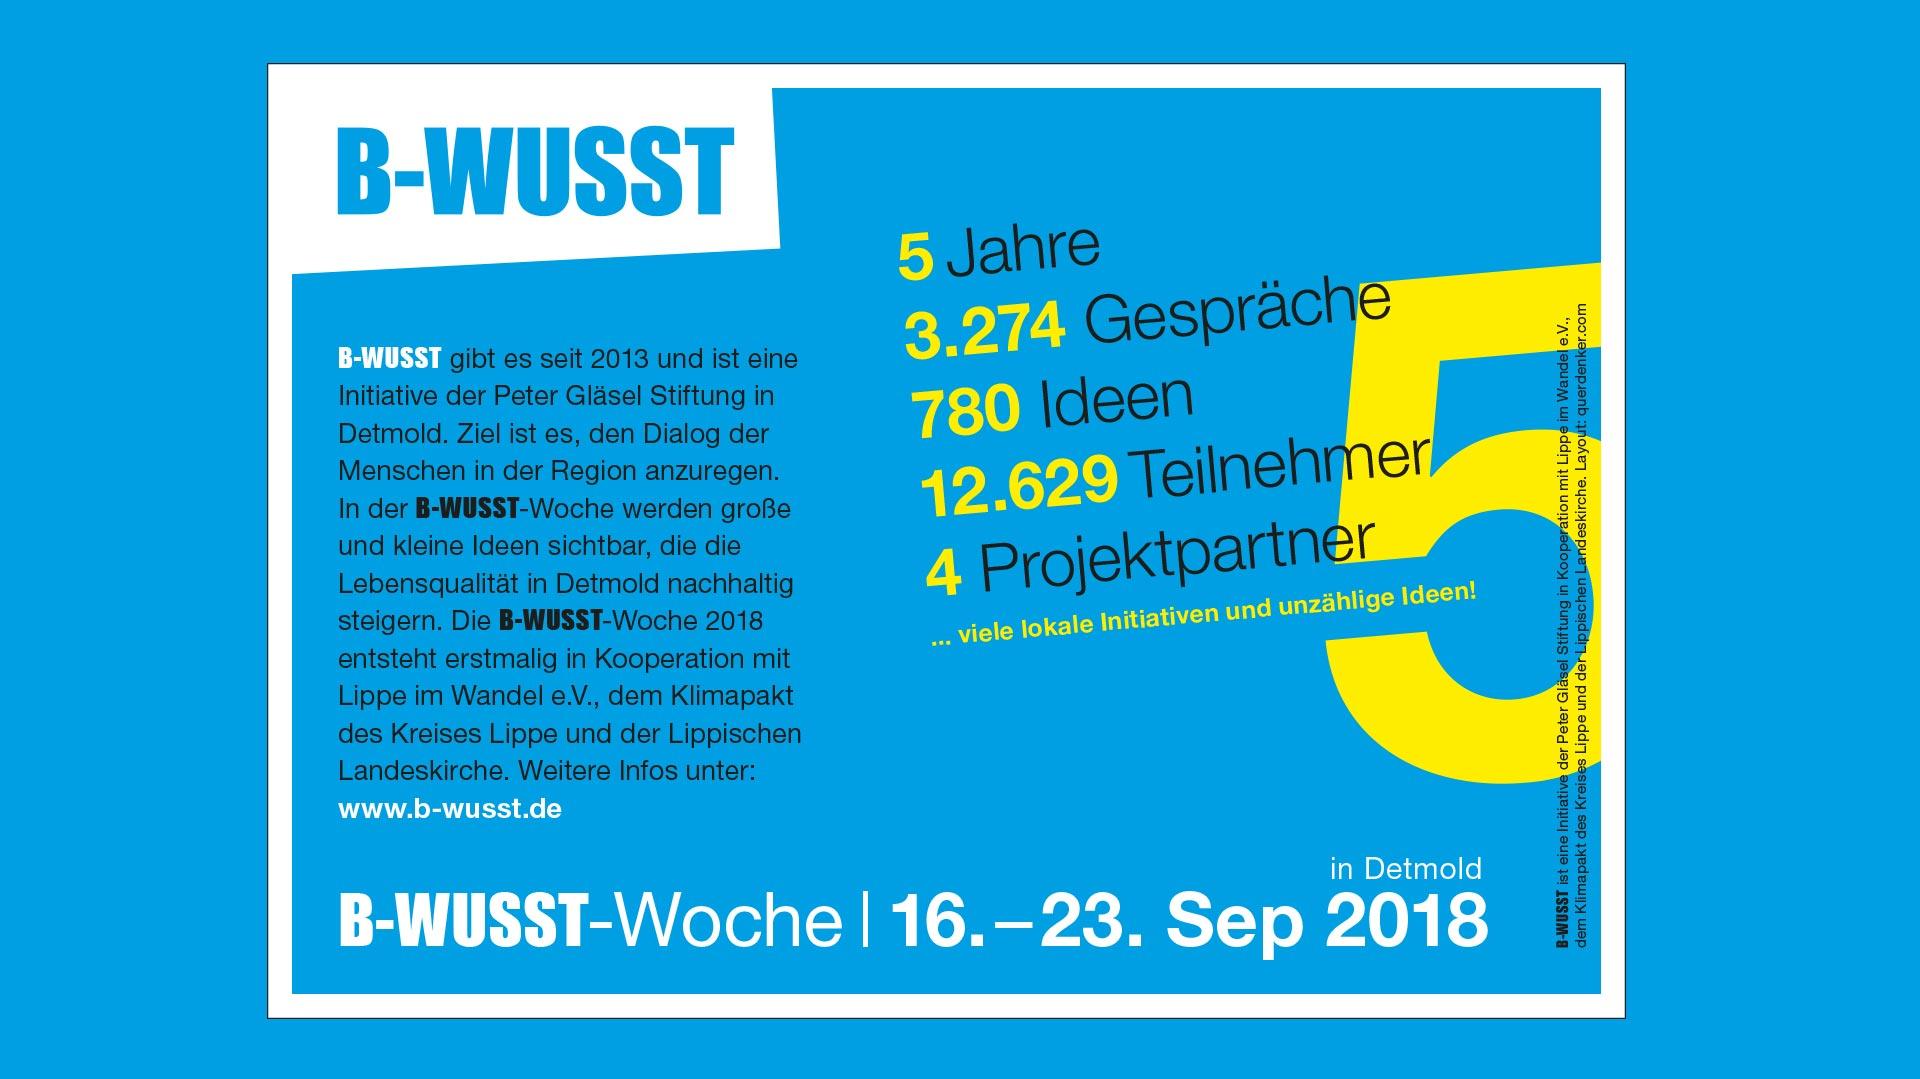 B-WUSST Blende B-WUSST Woche 2018